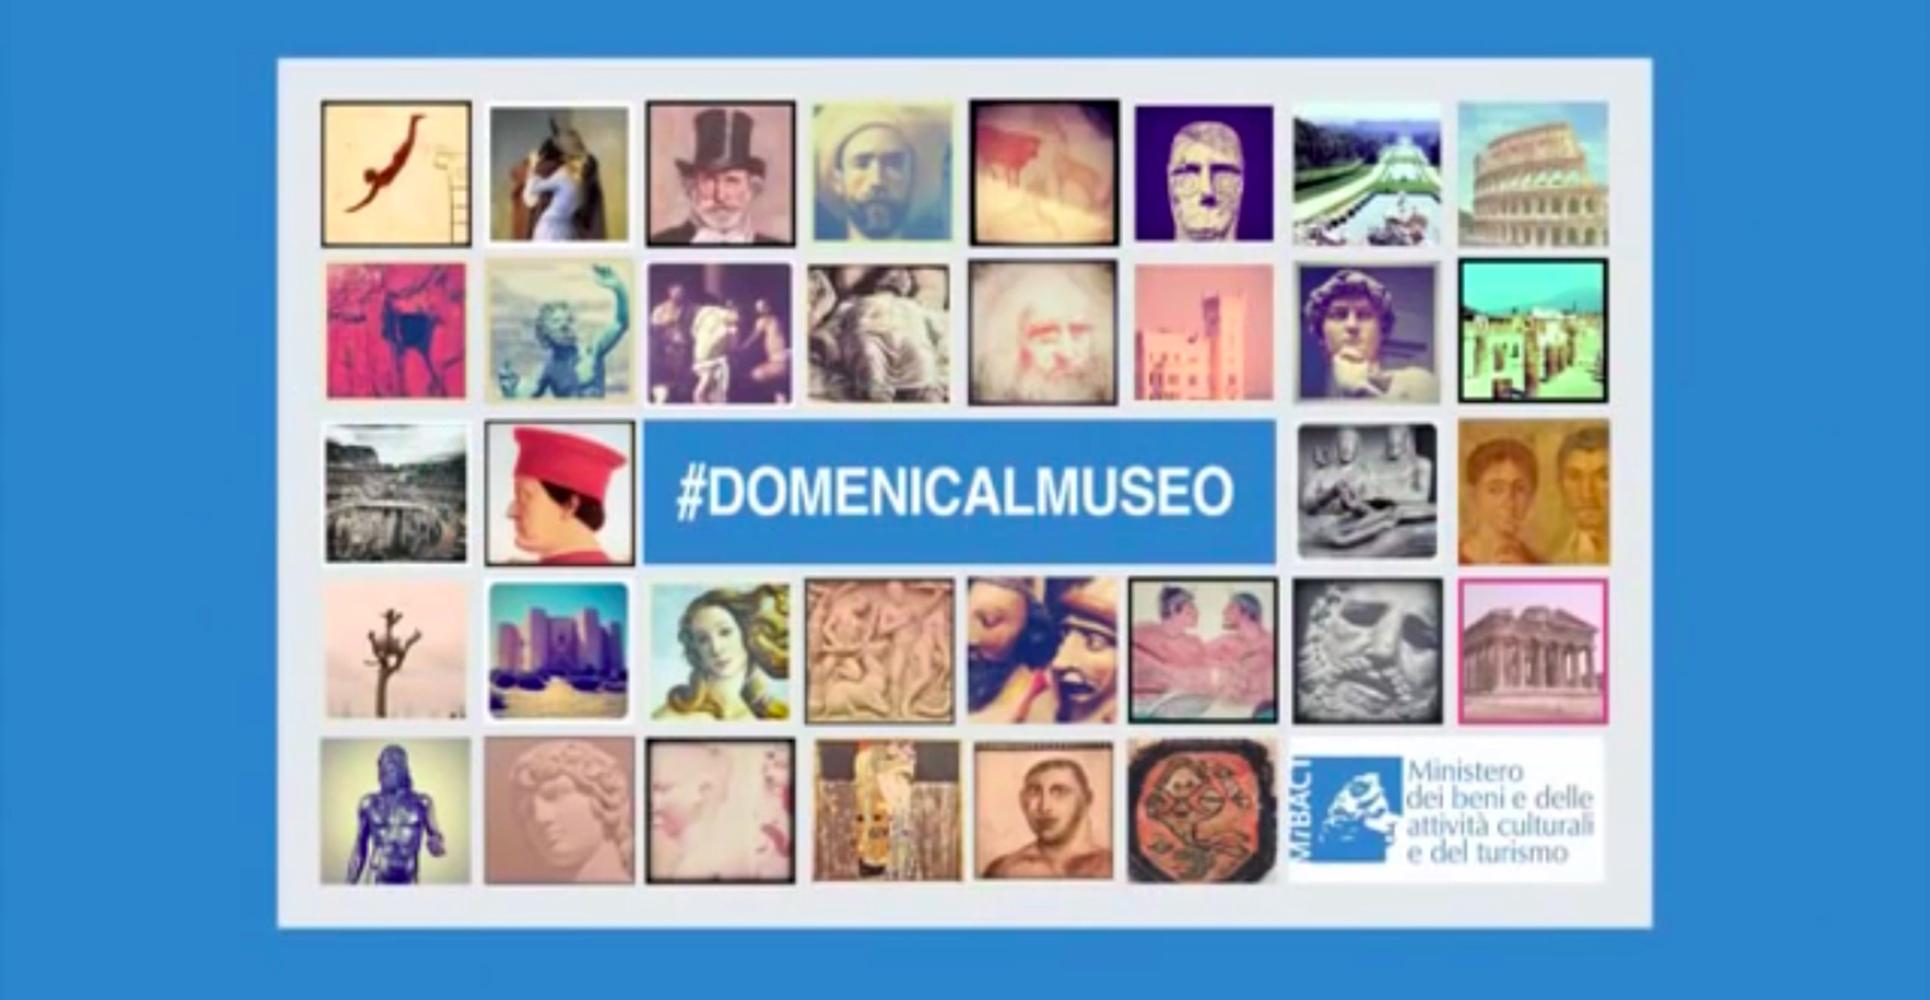 domenicalmuseo: musei gratis domenica 5 novembre 2017